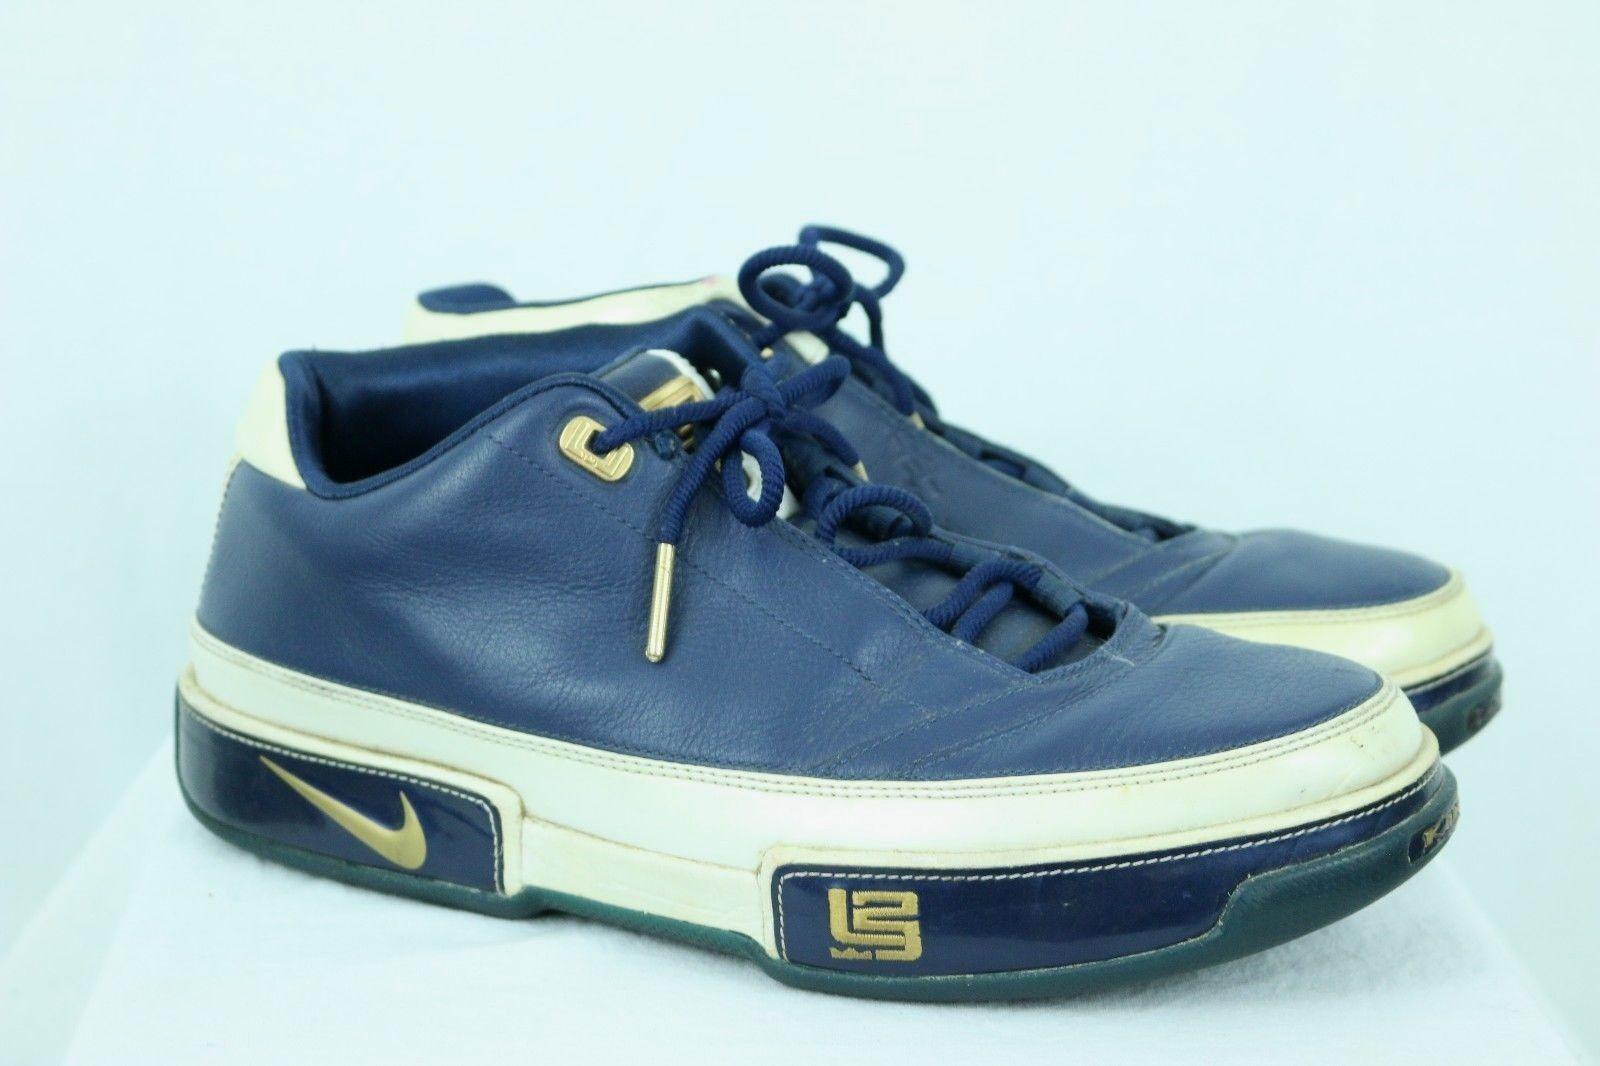 Nike Uomo Zoom Lebron Low ST Navy / White / Gold Size 10 King James Euro 44